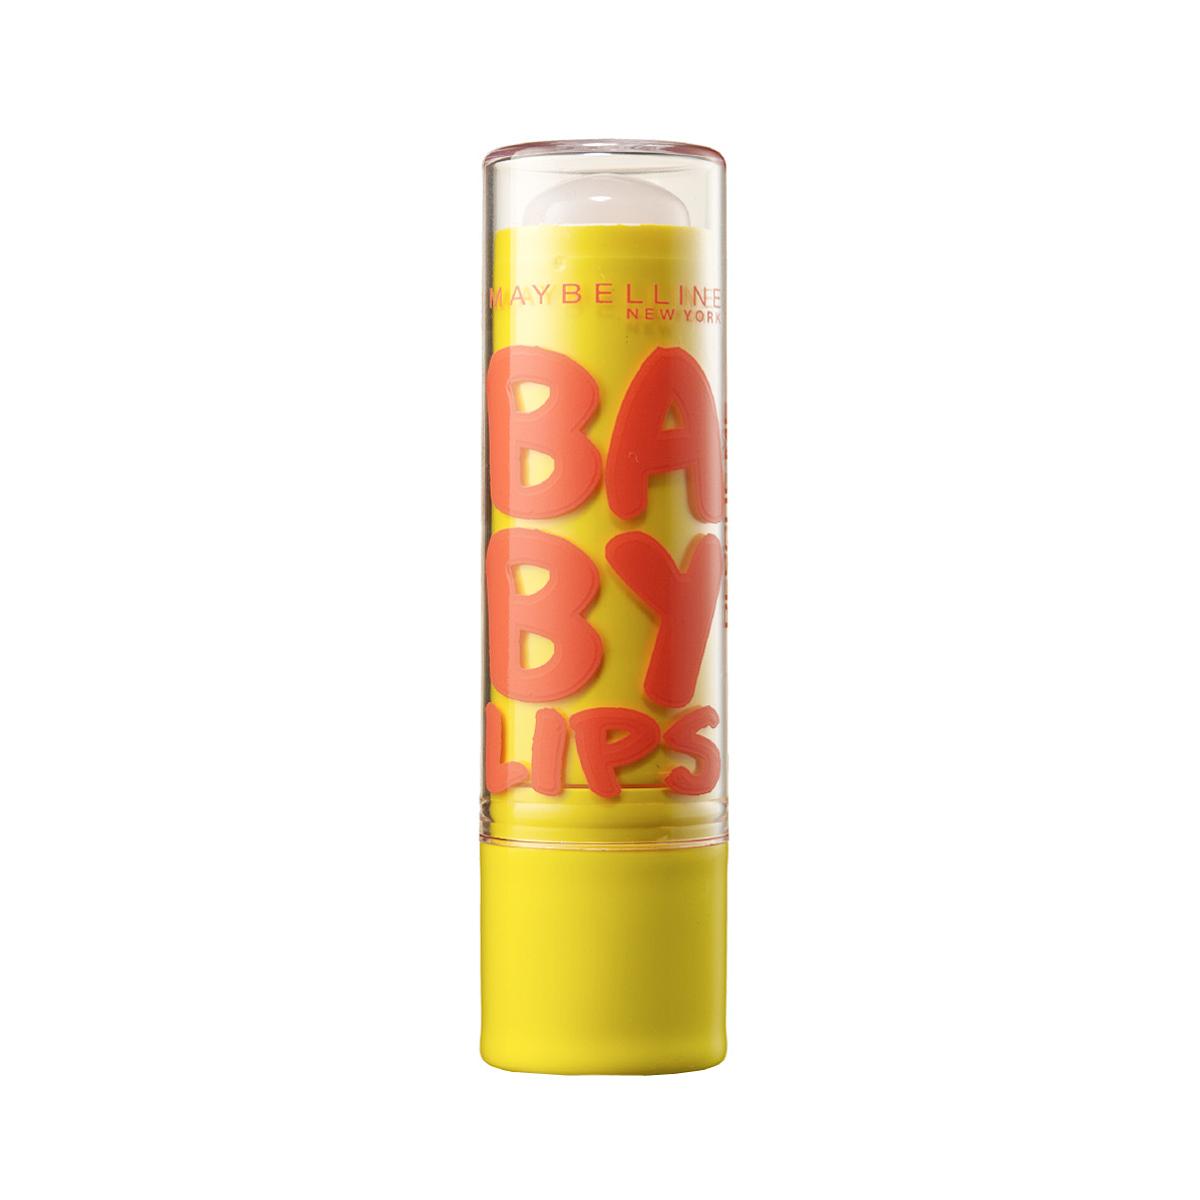 Maybelline New York Бальзам для губ Baby Lips, Бережный уход, для чувствительной кожи губ, восстанавливающий и увлажняющий, бесцветный с запахом, 1,78 млFS-00897Бальзам c нежным ароматом вишни и миндаля. Ухаживает за чувствительной кожей губ. Прекрасно увлажняет, не оставляя липкой пленки. Твои губы обретают естественный блеск.